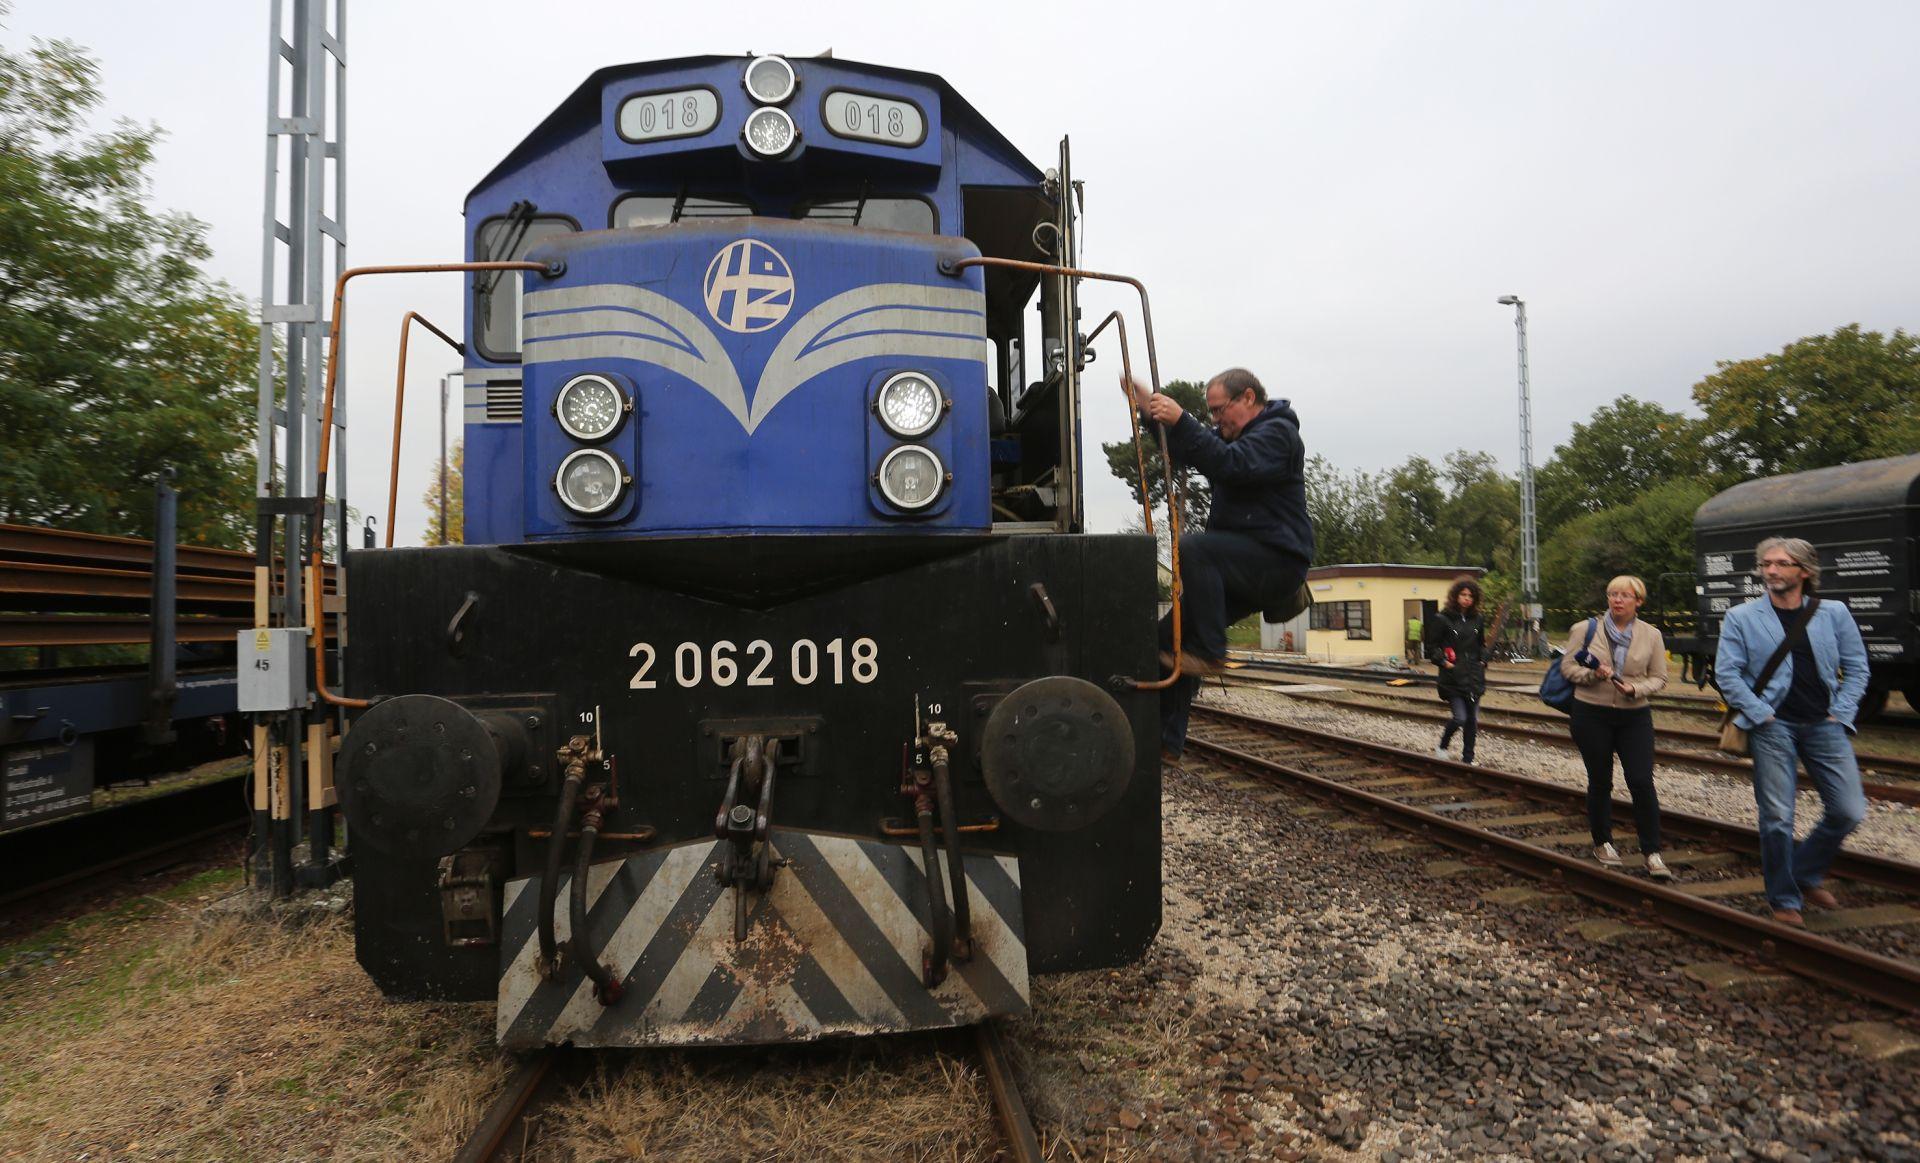 OGLASILA SE I MAĐARSKA POLICIJA Vlak je vraćen na traženje Grabar-Kitarović